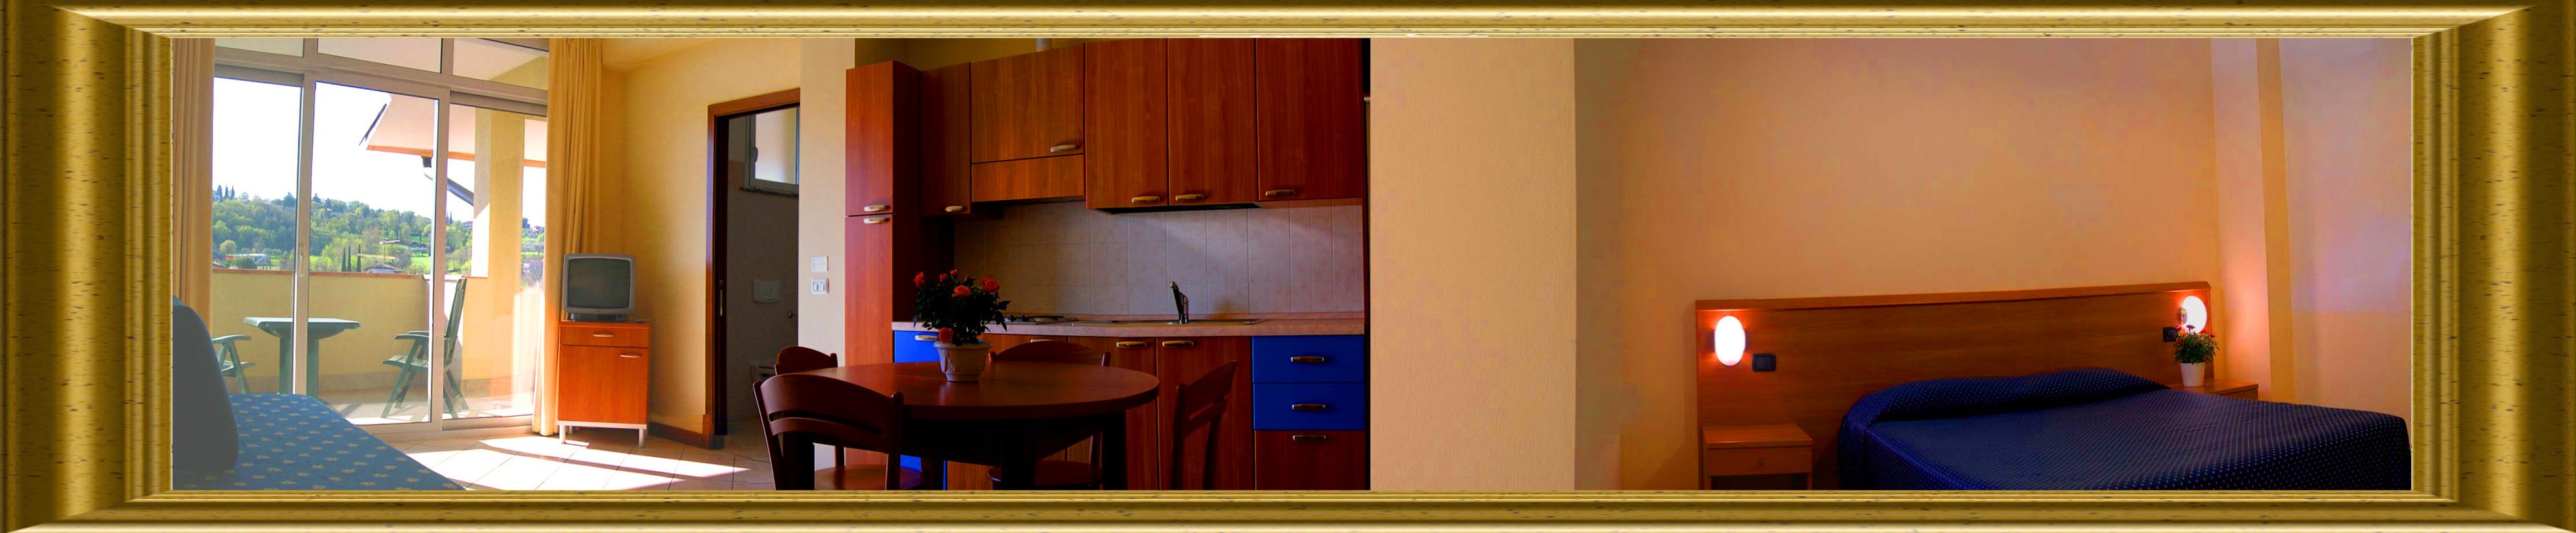 Familienzimmer Gardasee grosse Zimmer mit Klimaanlage